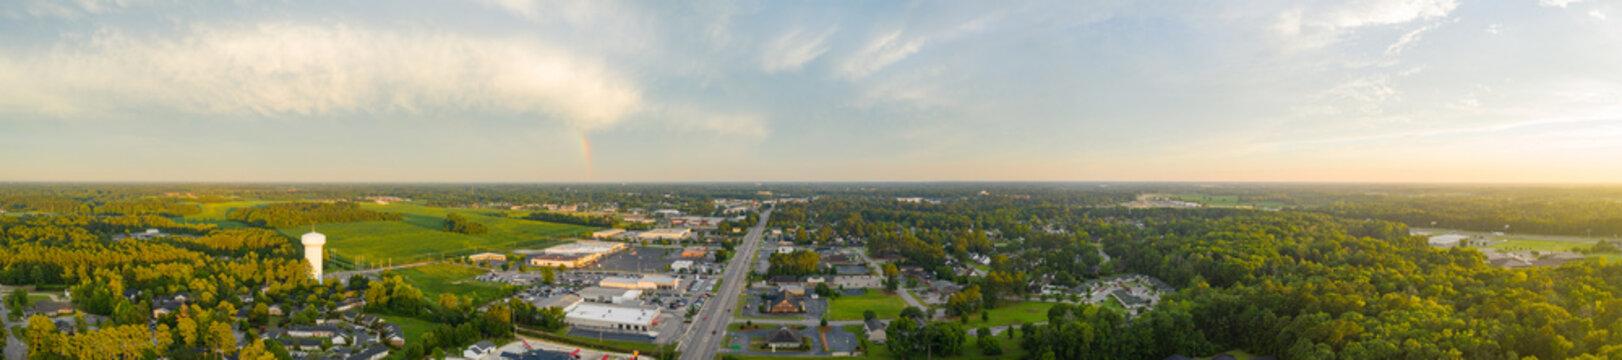 Aerial panorama Lumberton North Carolina USA